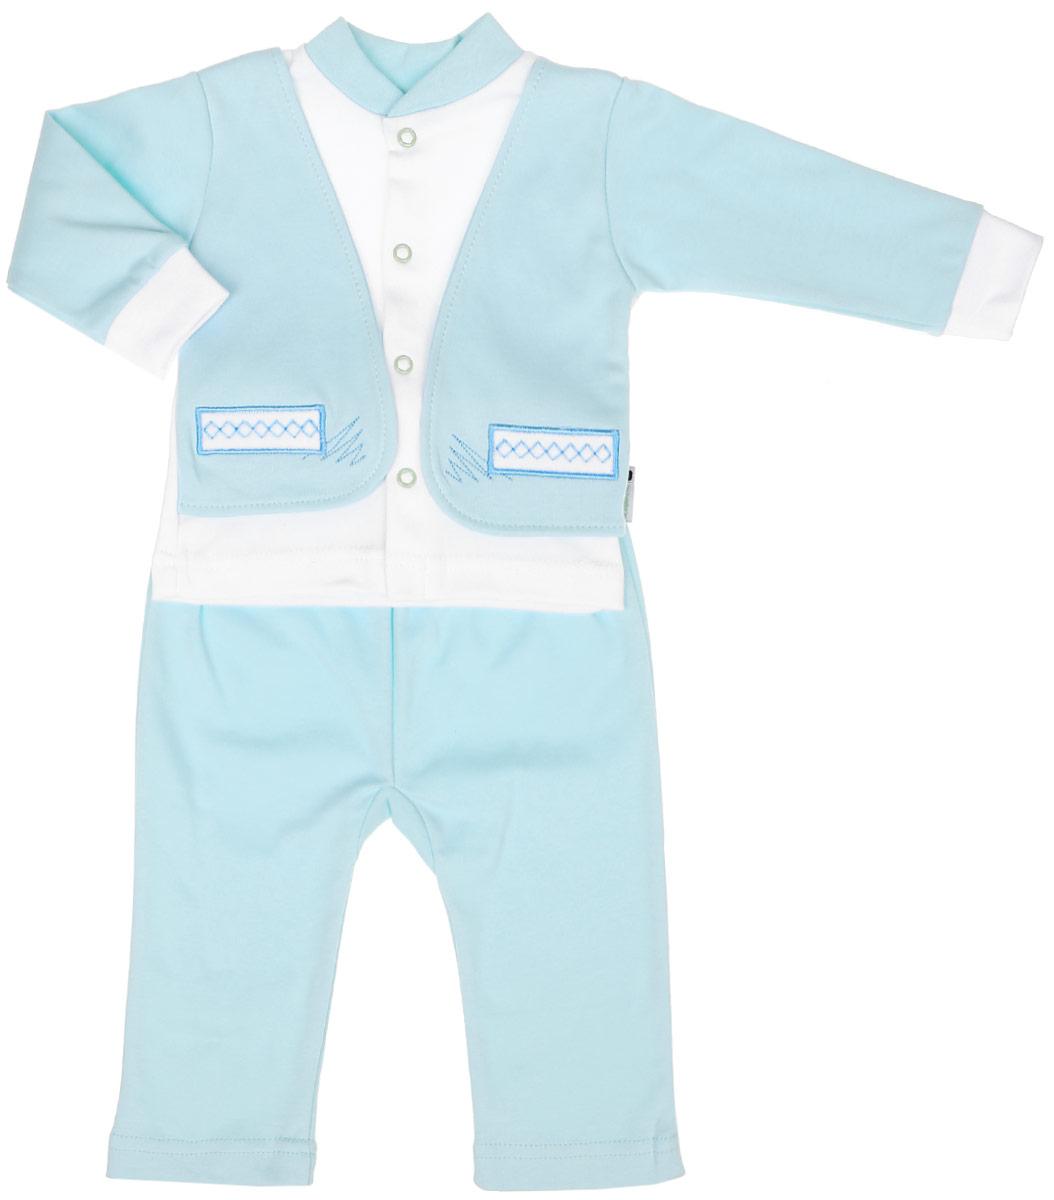 Комплект для мальчика Клякса: кофточка, штанишки, цвет: мятный, белый. 37к-2005. Размер 5637к-2005Комплект для мальчика Клякса, изготовленный из натурального хлопка, состоит из кофточки и штанишек. Кофточка с имитацией пиджака застегивается спереди на кнопки. Модель с длинными рукавами имеет круглый вырез горловины, дополненный мягкой трикотажной резинкой. На рукавах предусмотрены эластичные манжеты. Кофточка украшена вышивкой. Штанишки с завышенной линией талии имеют мягкий эластичный пояс.